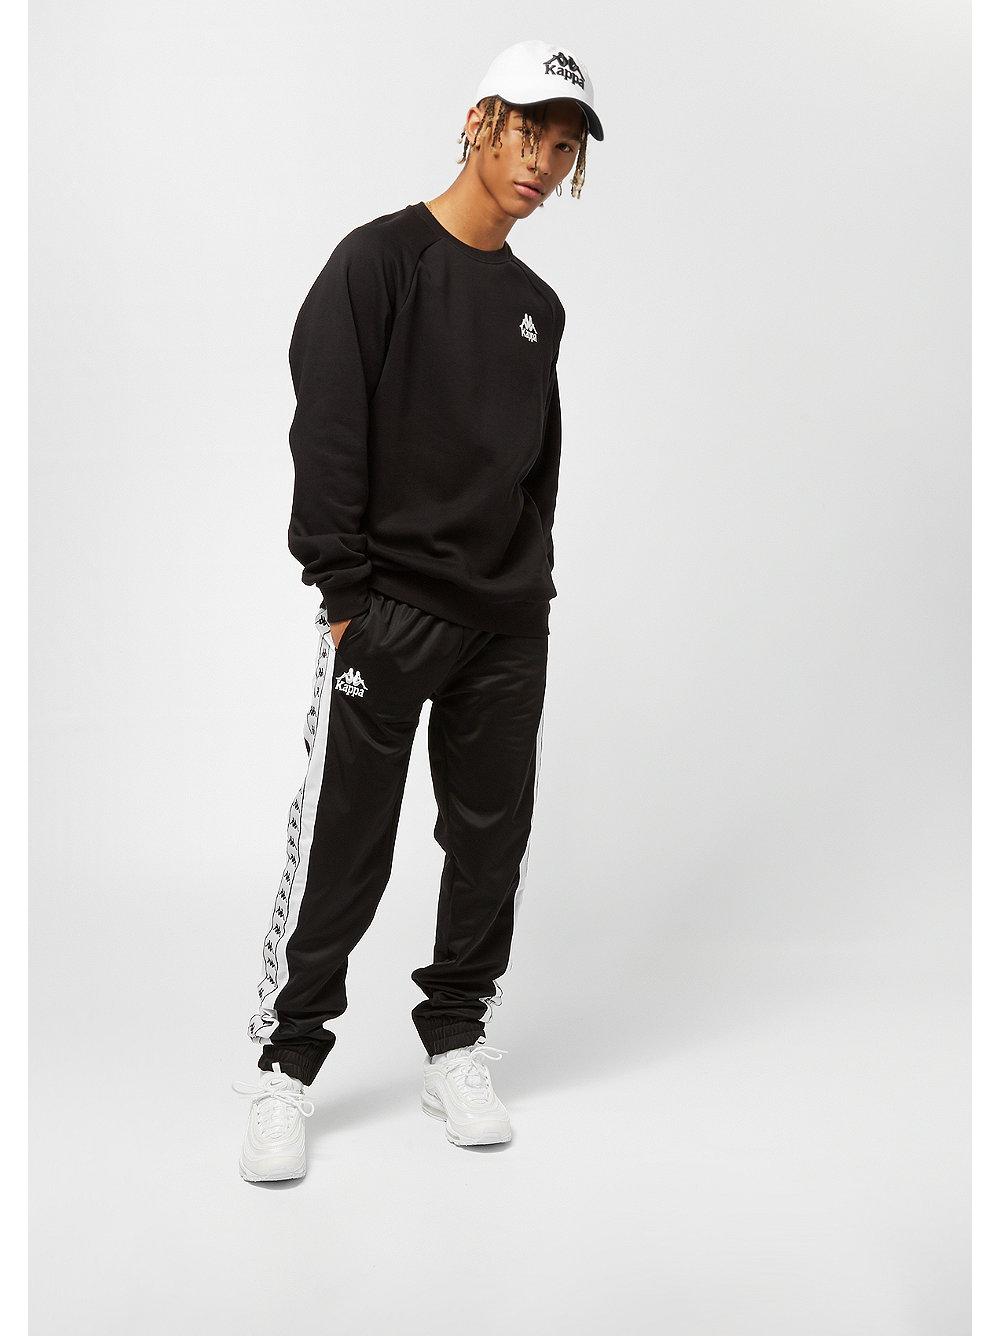 528ce2e5942fc Compra Kappa Taul black Pantalones de entrenamiento en SNIPES